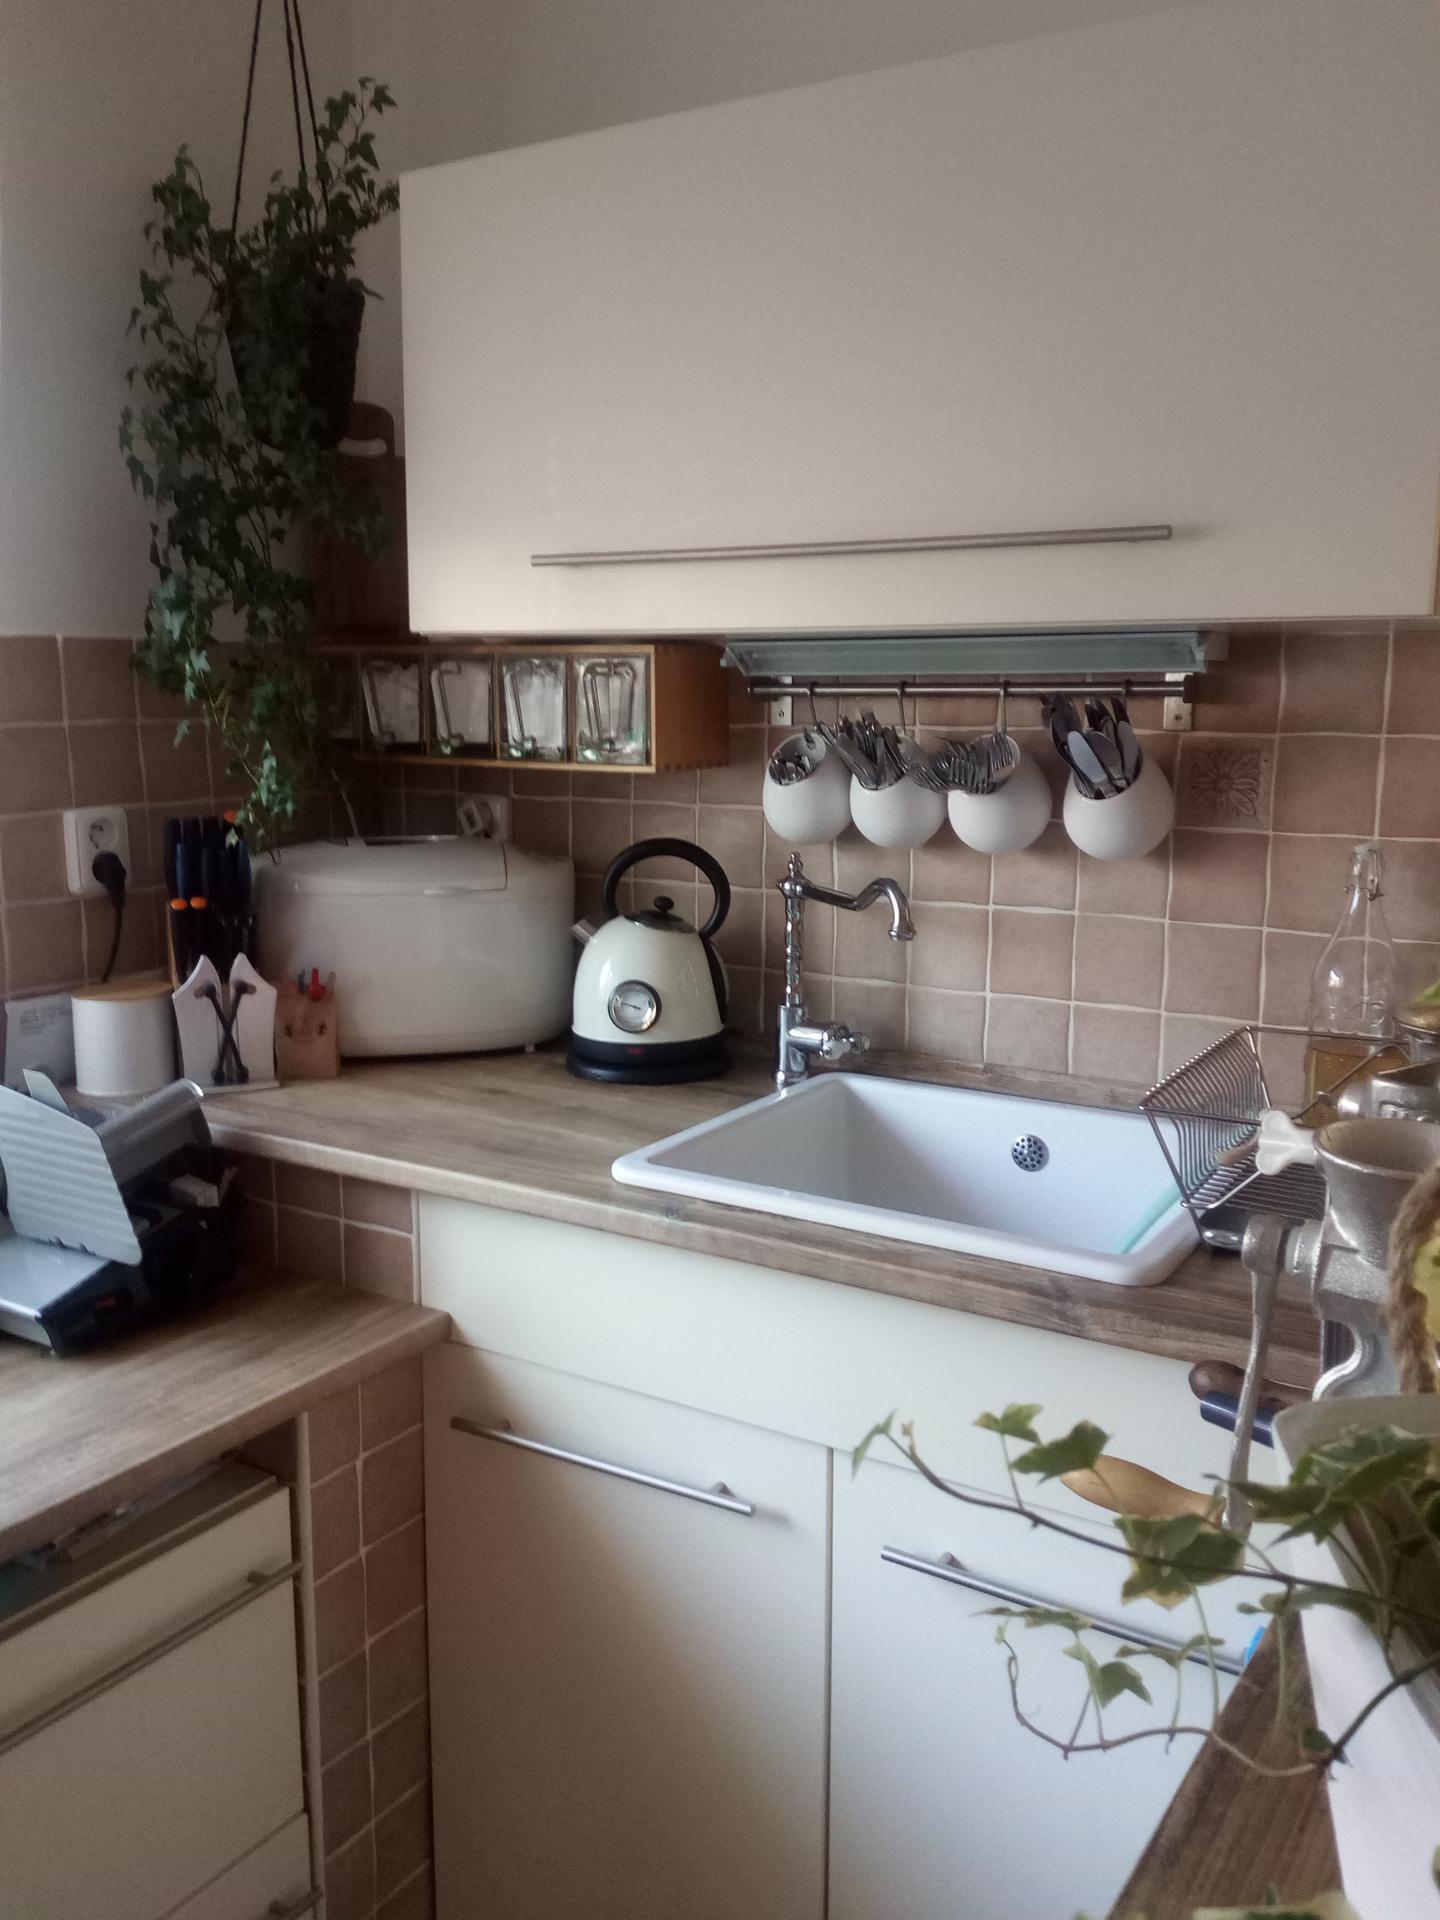 V naší kuchyni - Obrázek č. 8